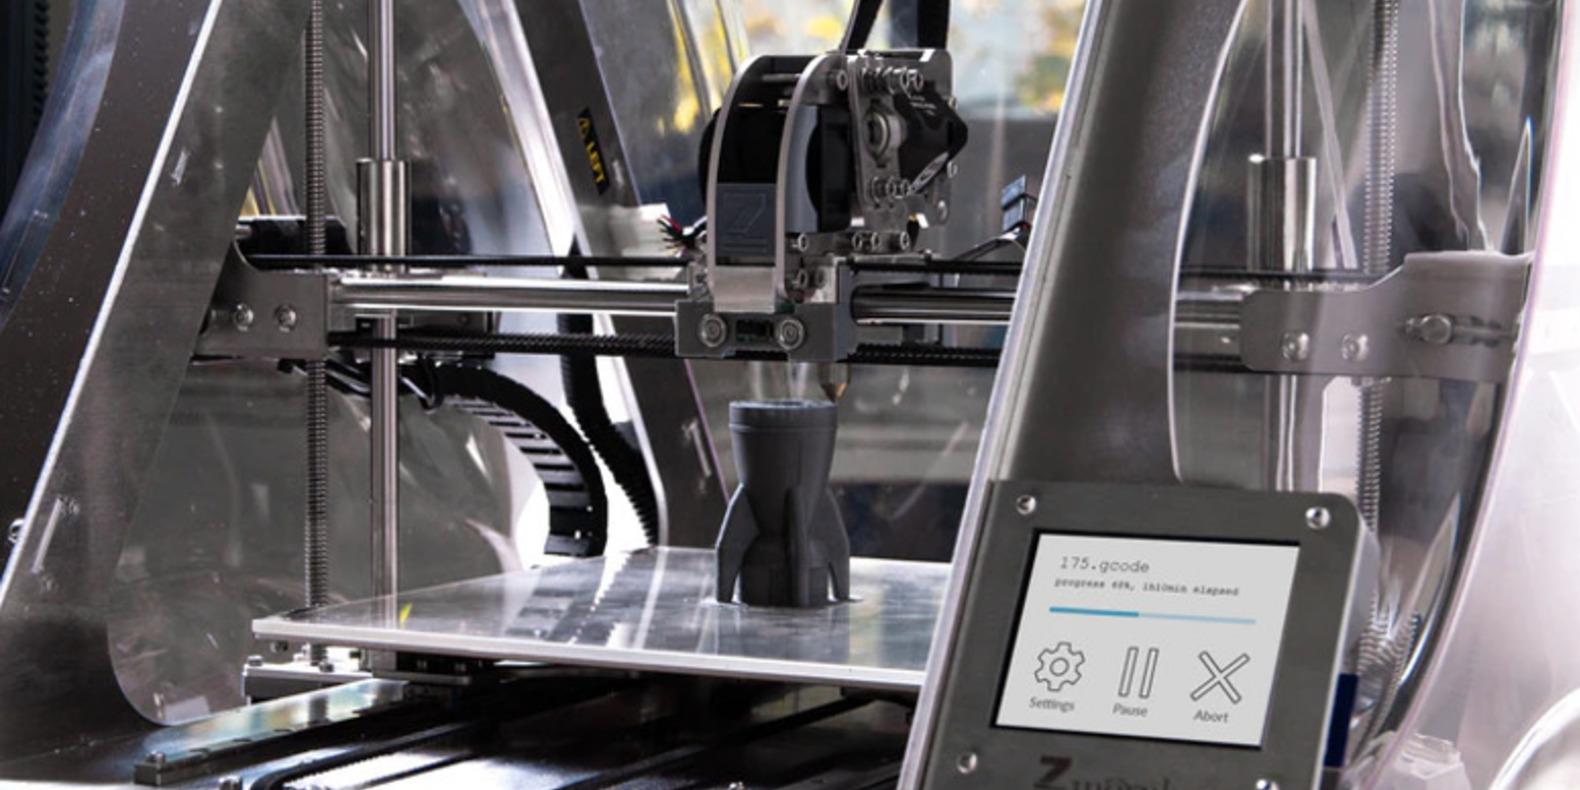 The Origins of 3D Printing